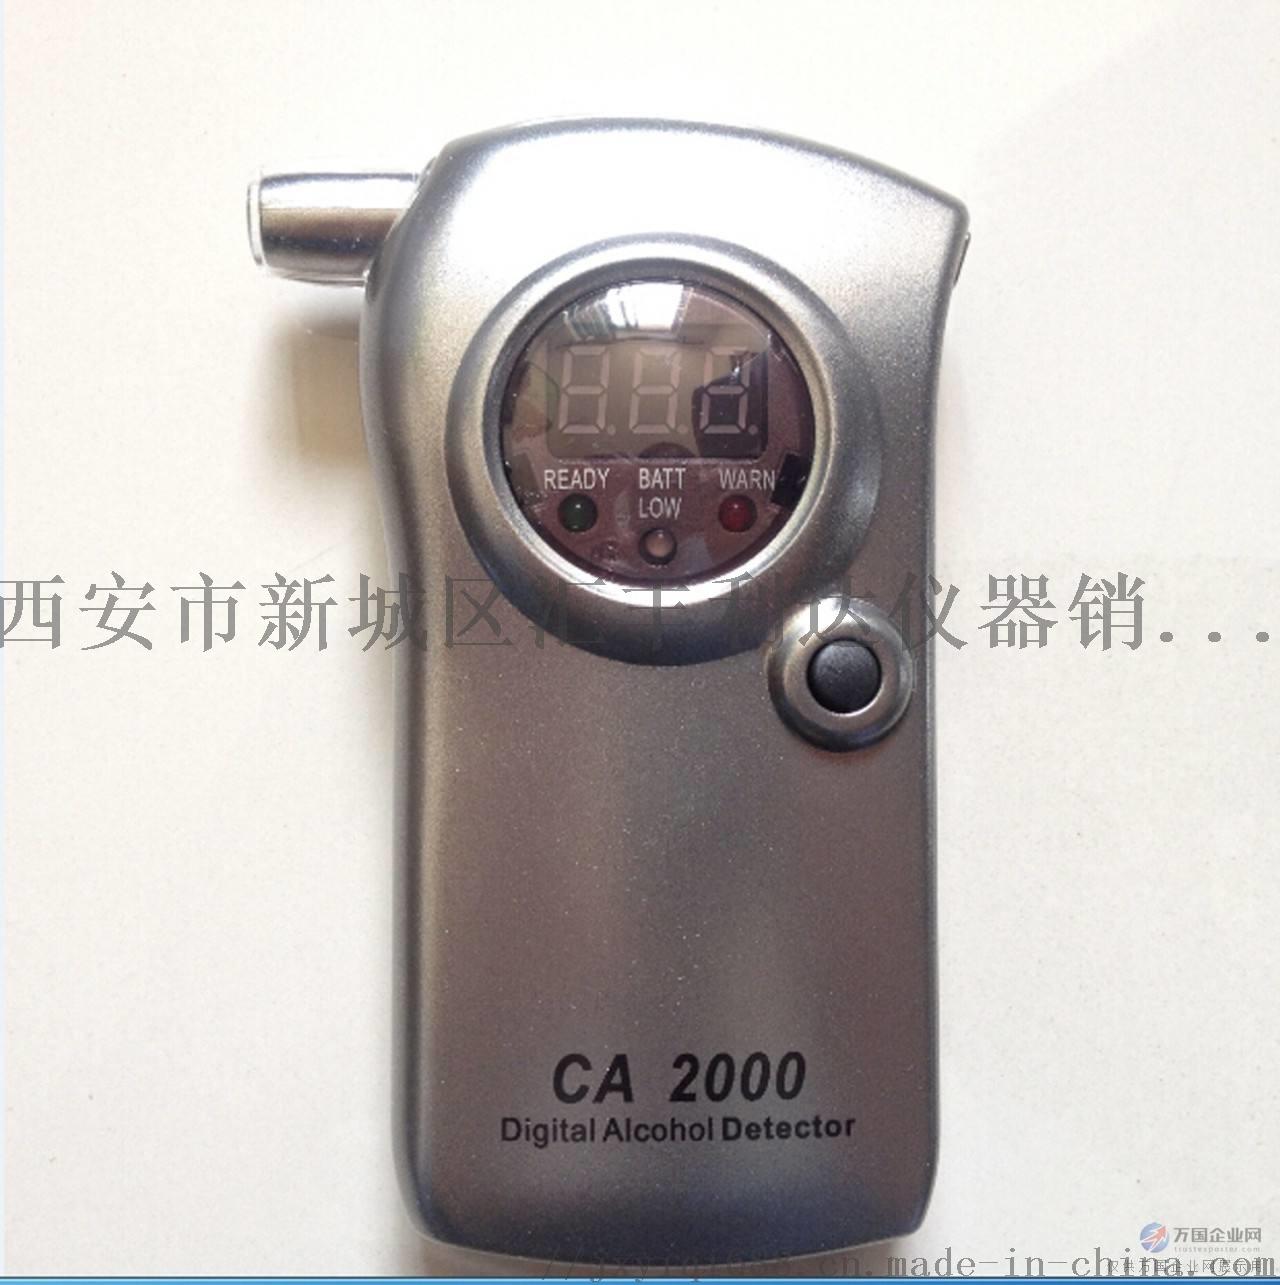 西安哪里可以买到酒精检测仪13891913067763034412